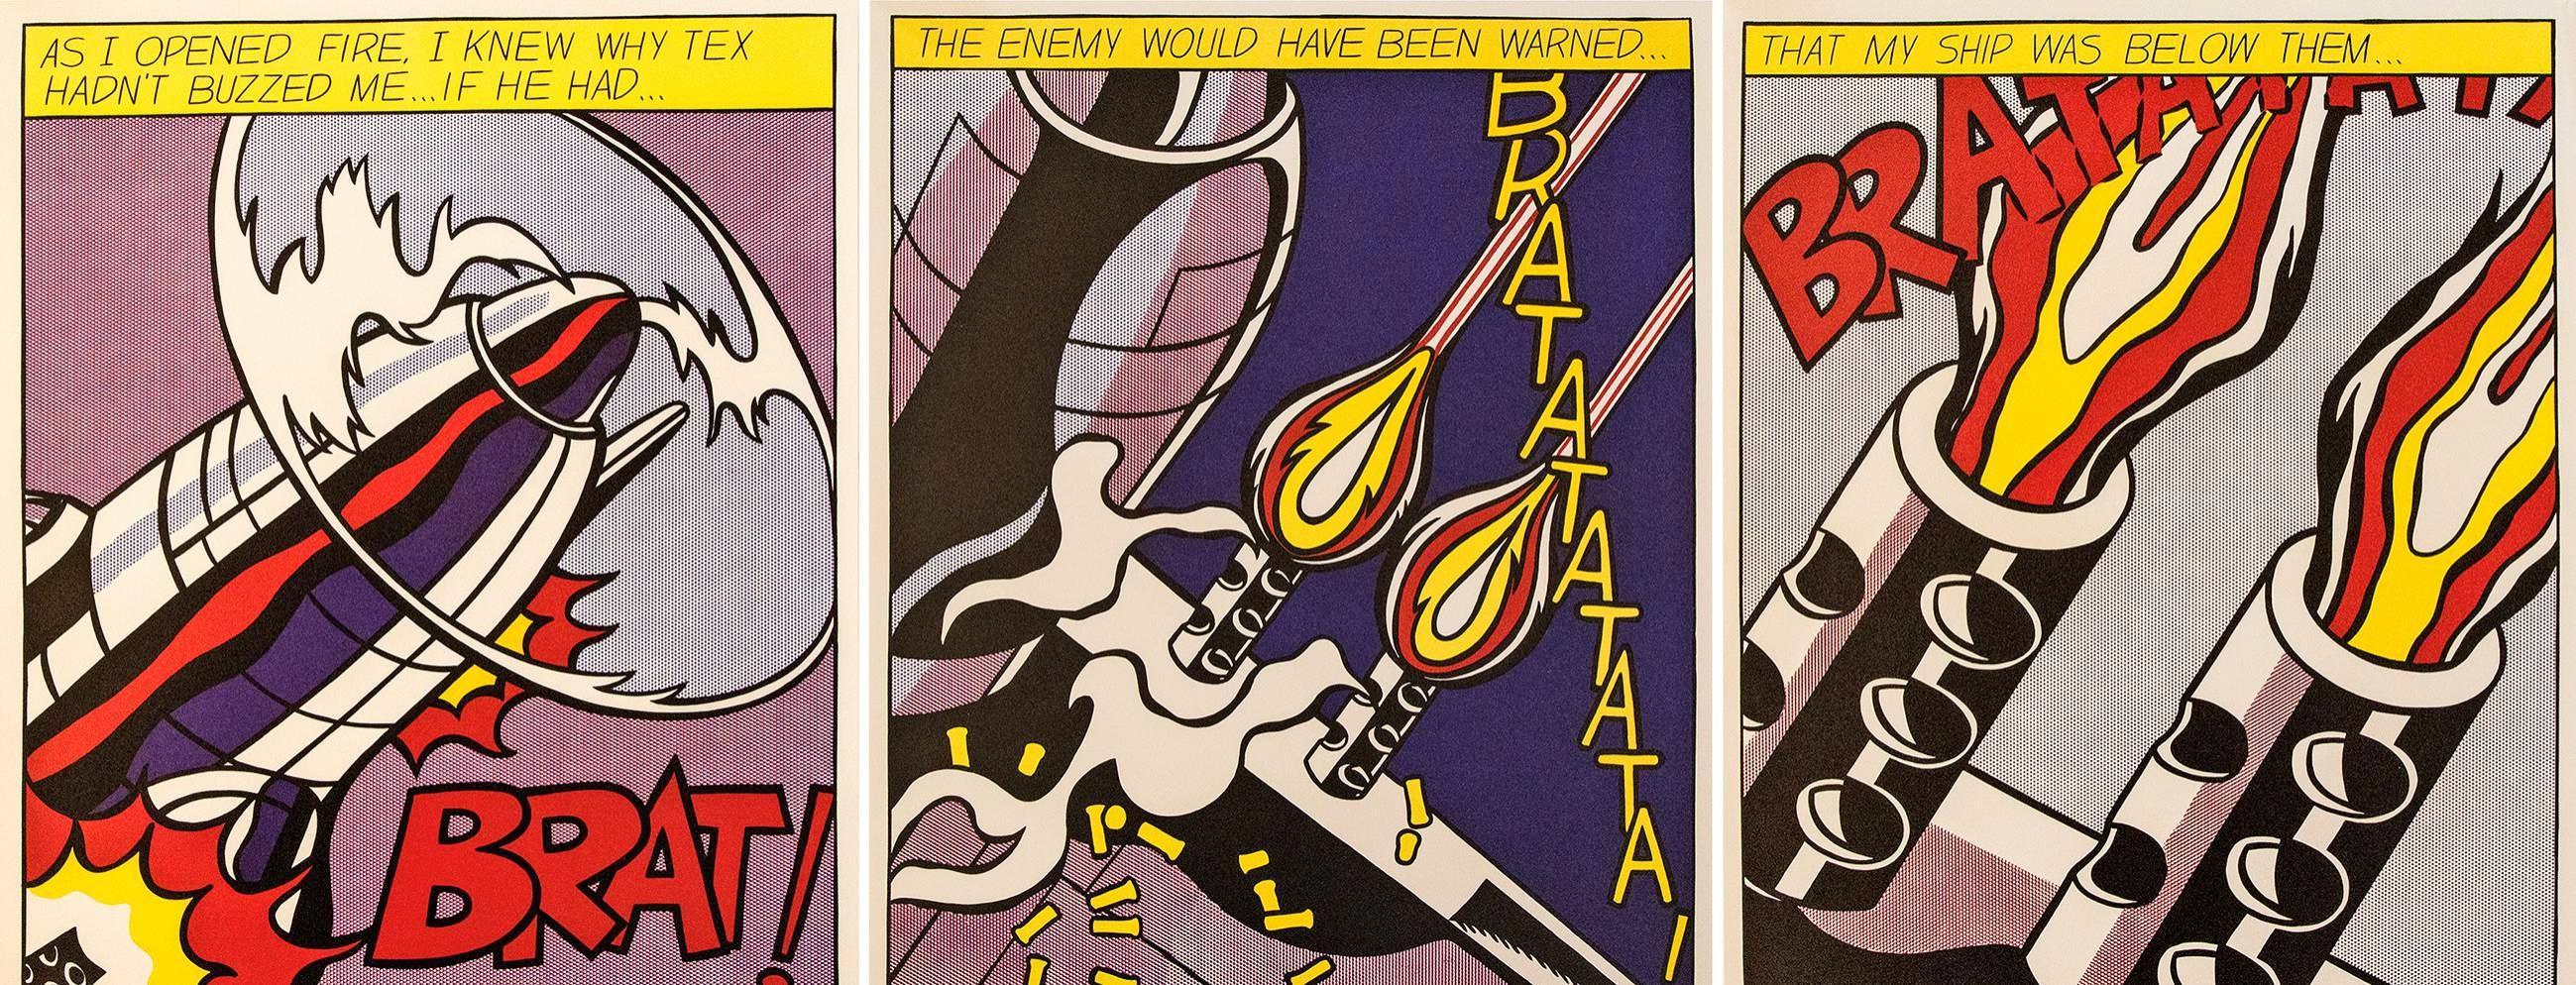 """Pop Art ist oftmals bunt und für den Betrachter greifbar. Hier beispielhaft """"As I opened fire"""" von Roy Lichtenstein. Foto: privat"""